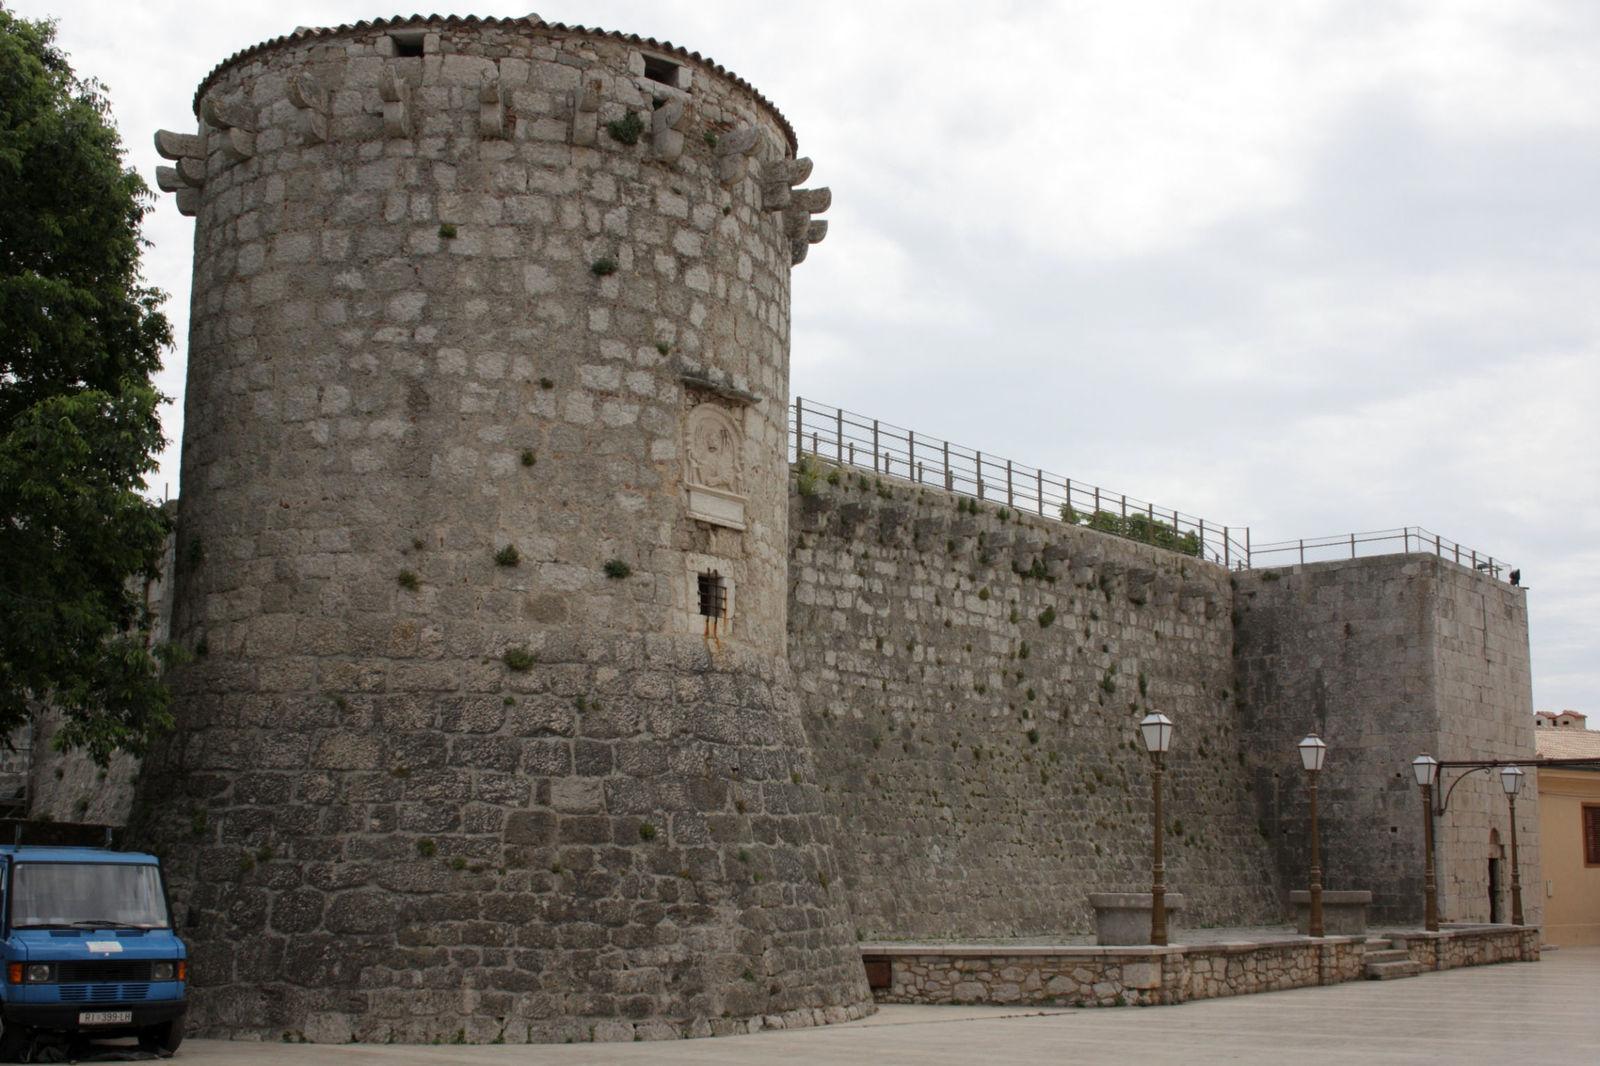 Castelul Frankopan